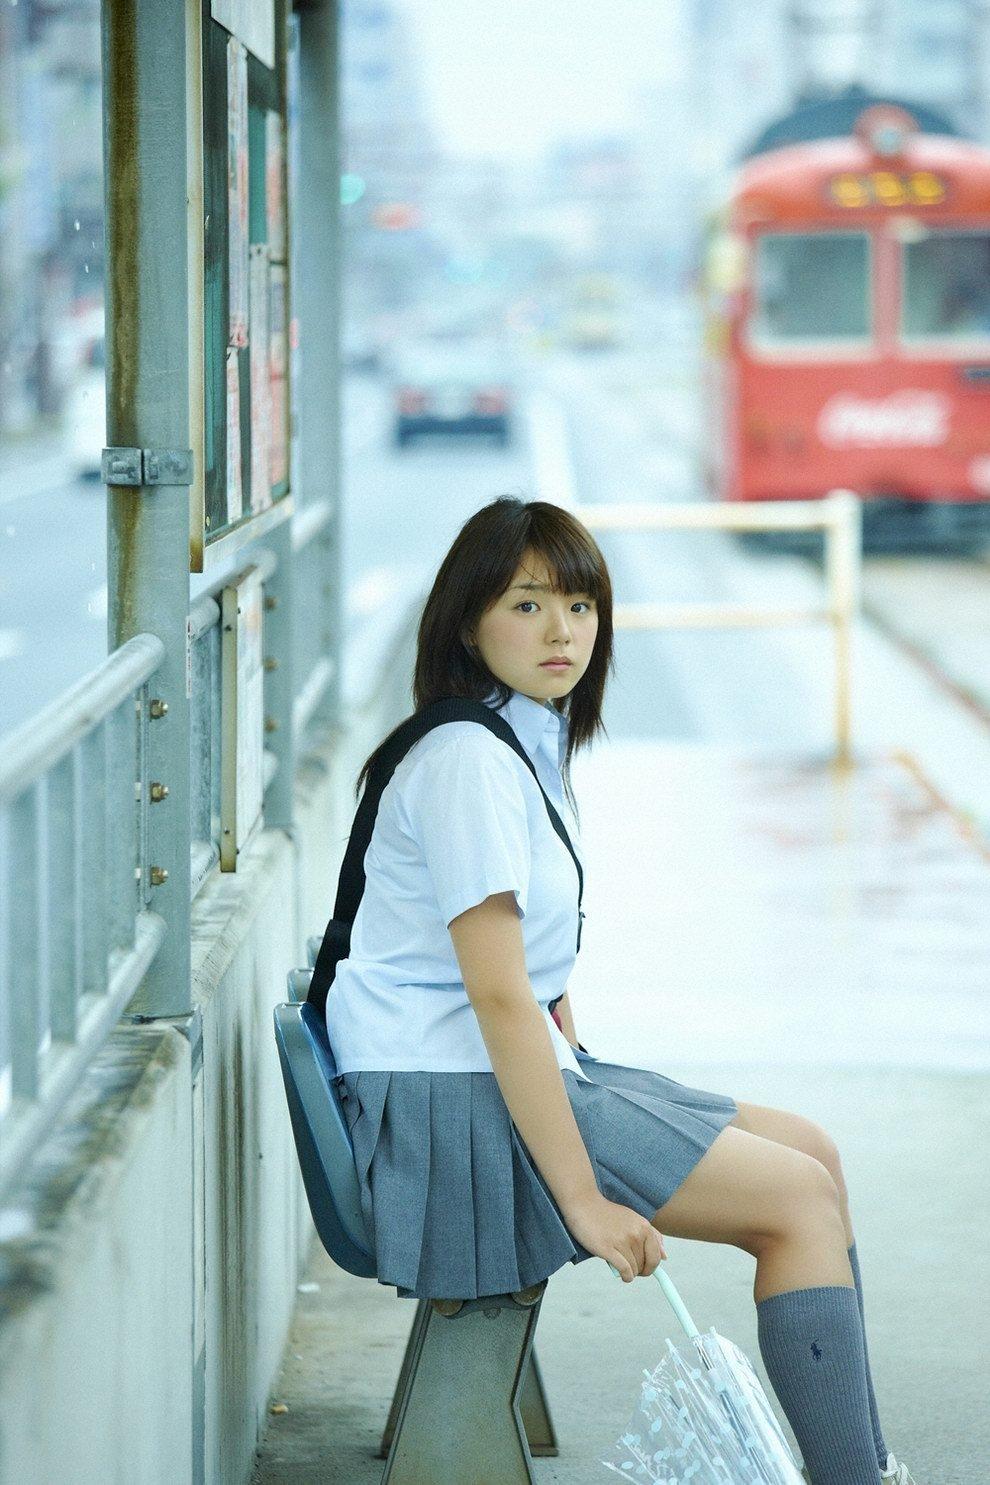 gs_sinozakiai_002_003.jpg